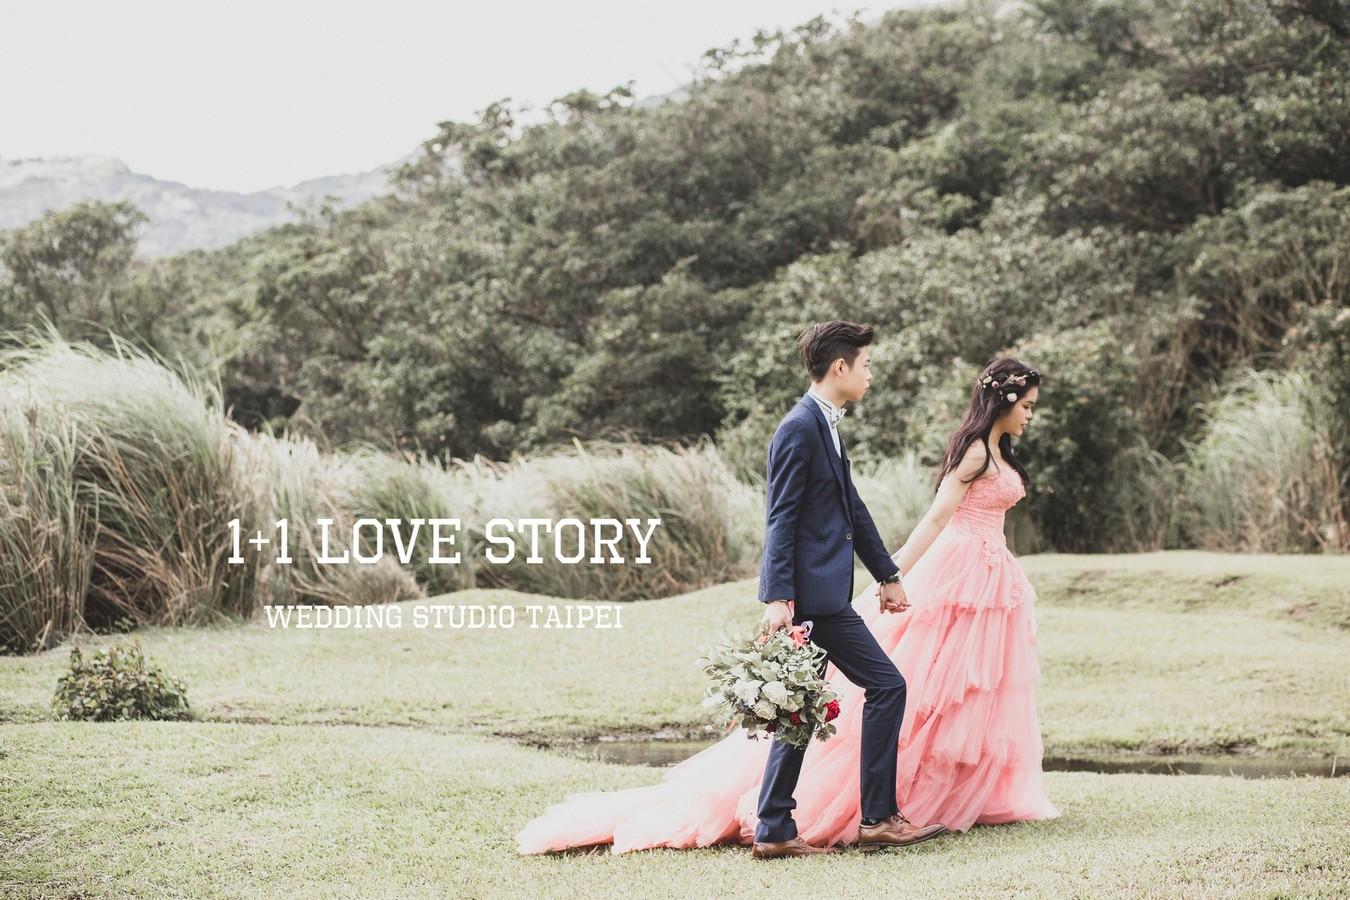 婚紗攝影,婚紗照,自助婚紗,拍婚紗,婚紗照風格,婚紗攝影推薦,婚紗包套,台北拍婚紗,新竹拍婚紗